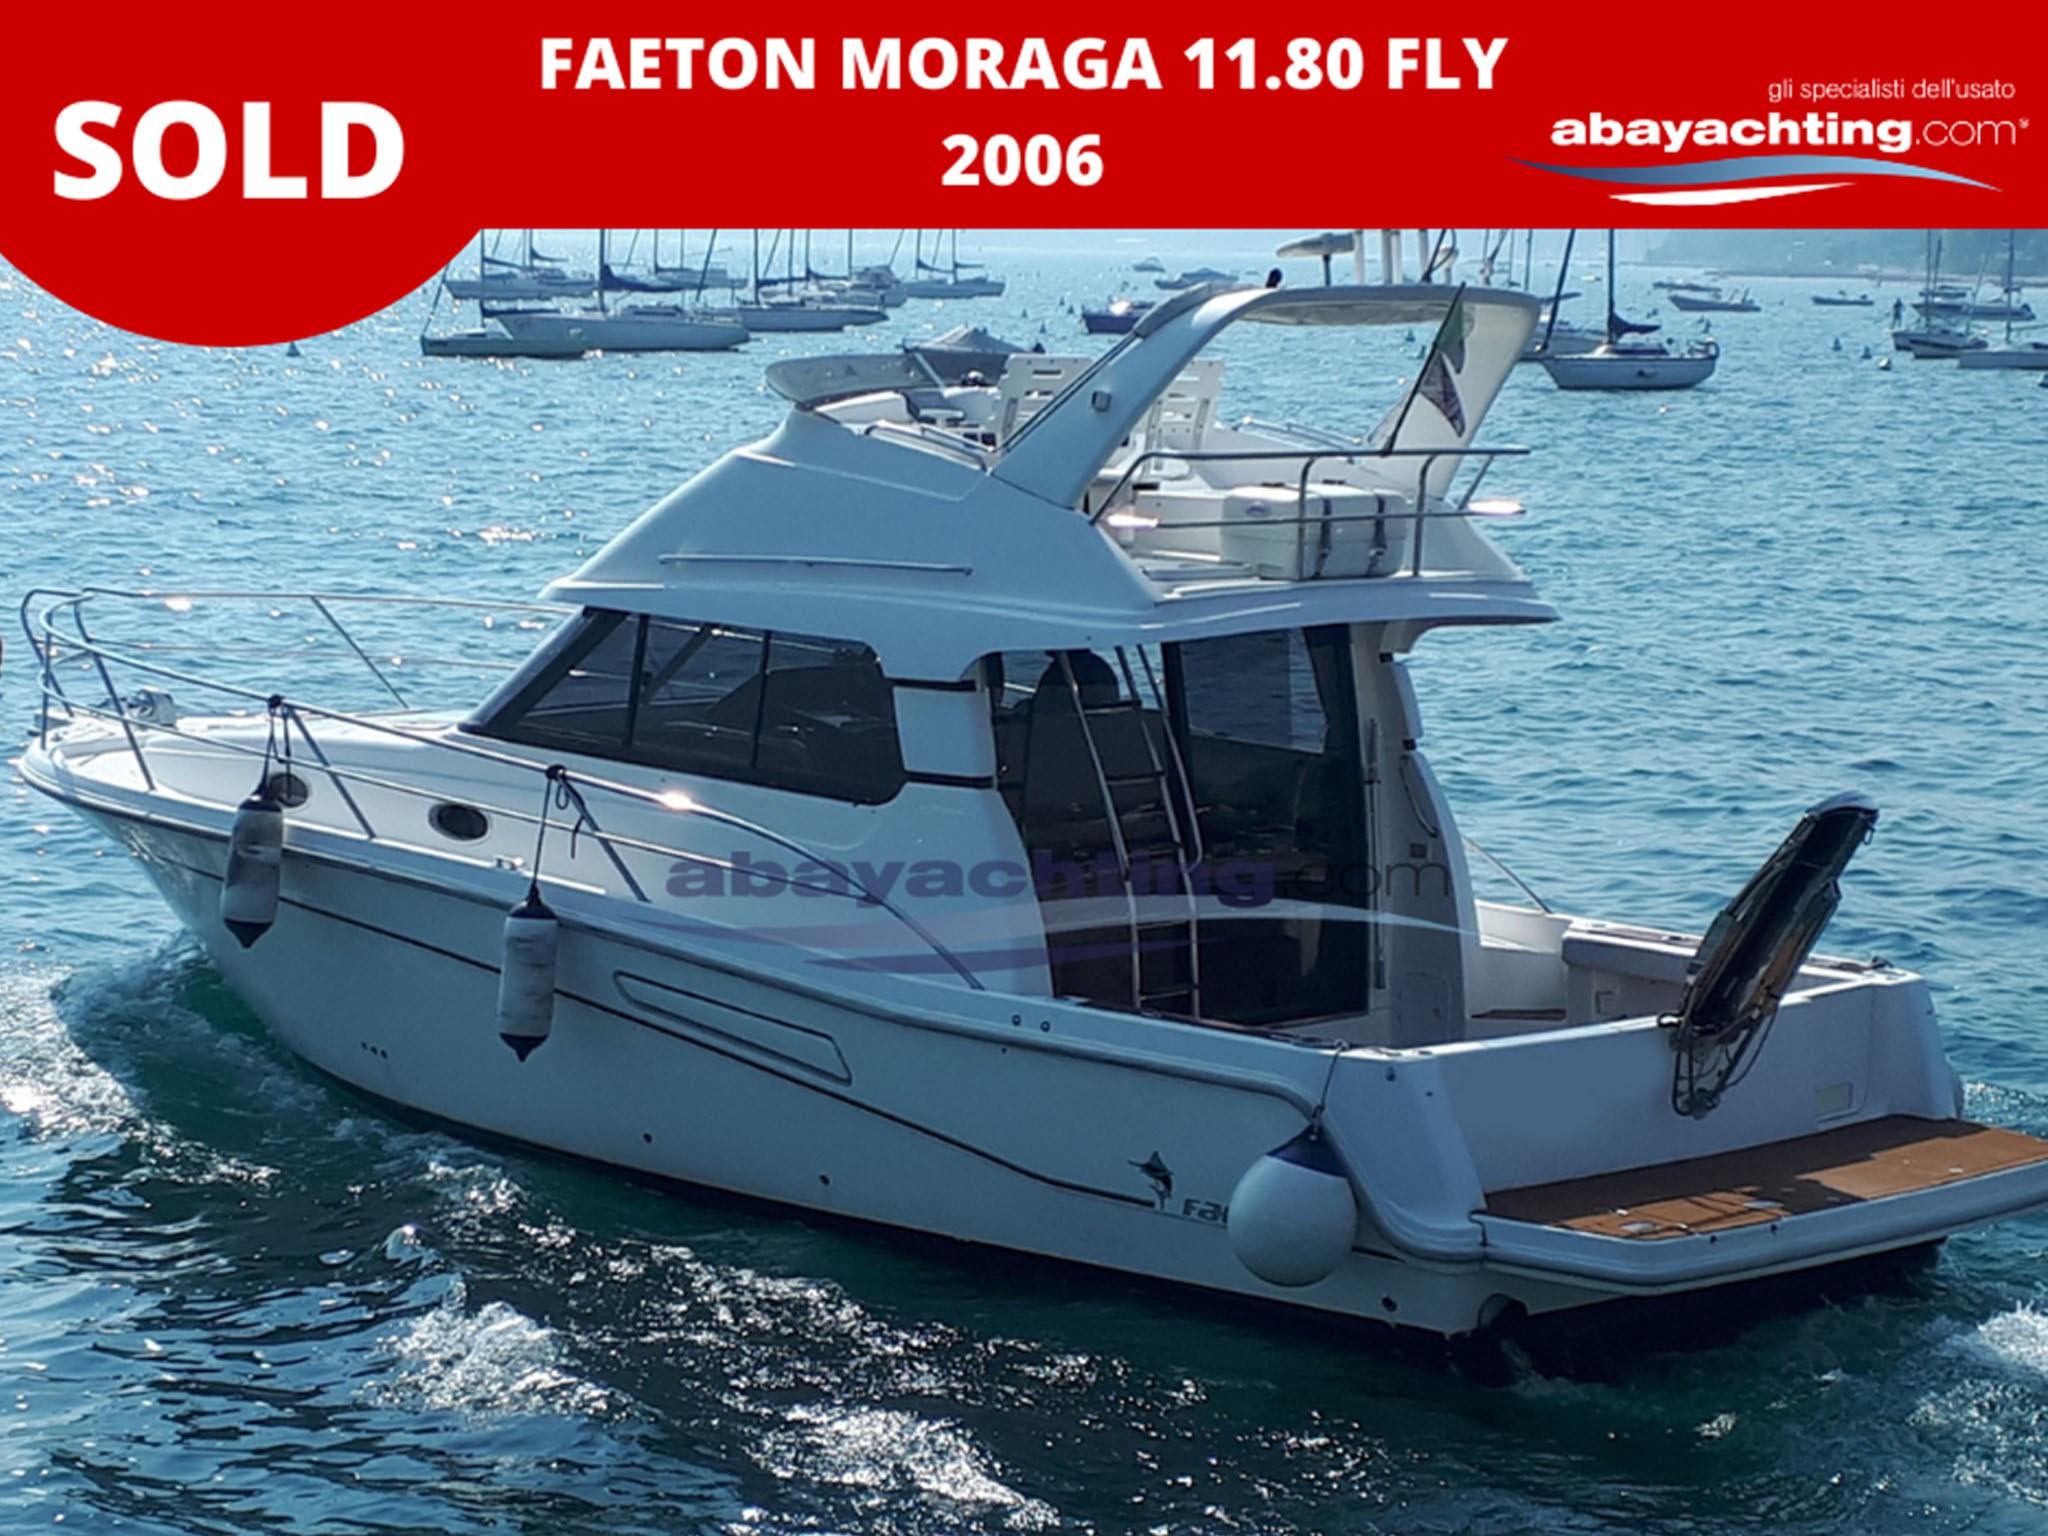 Faeton Moraga 11.80 vendu